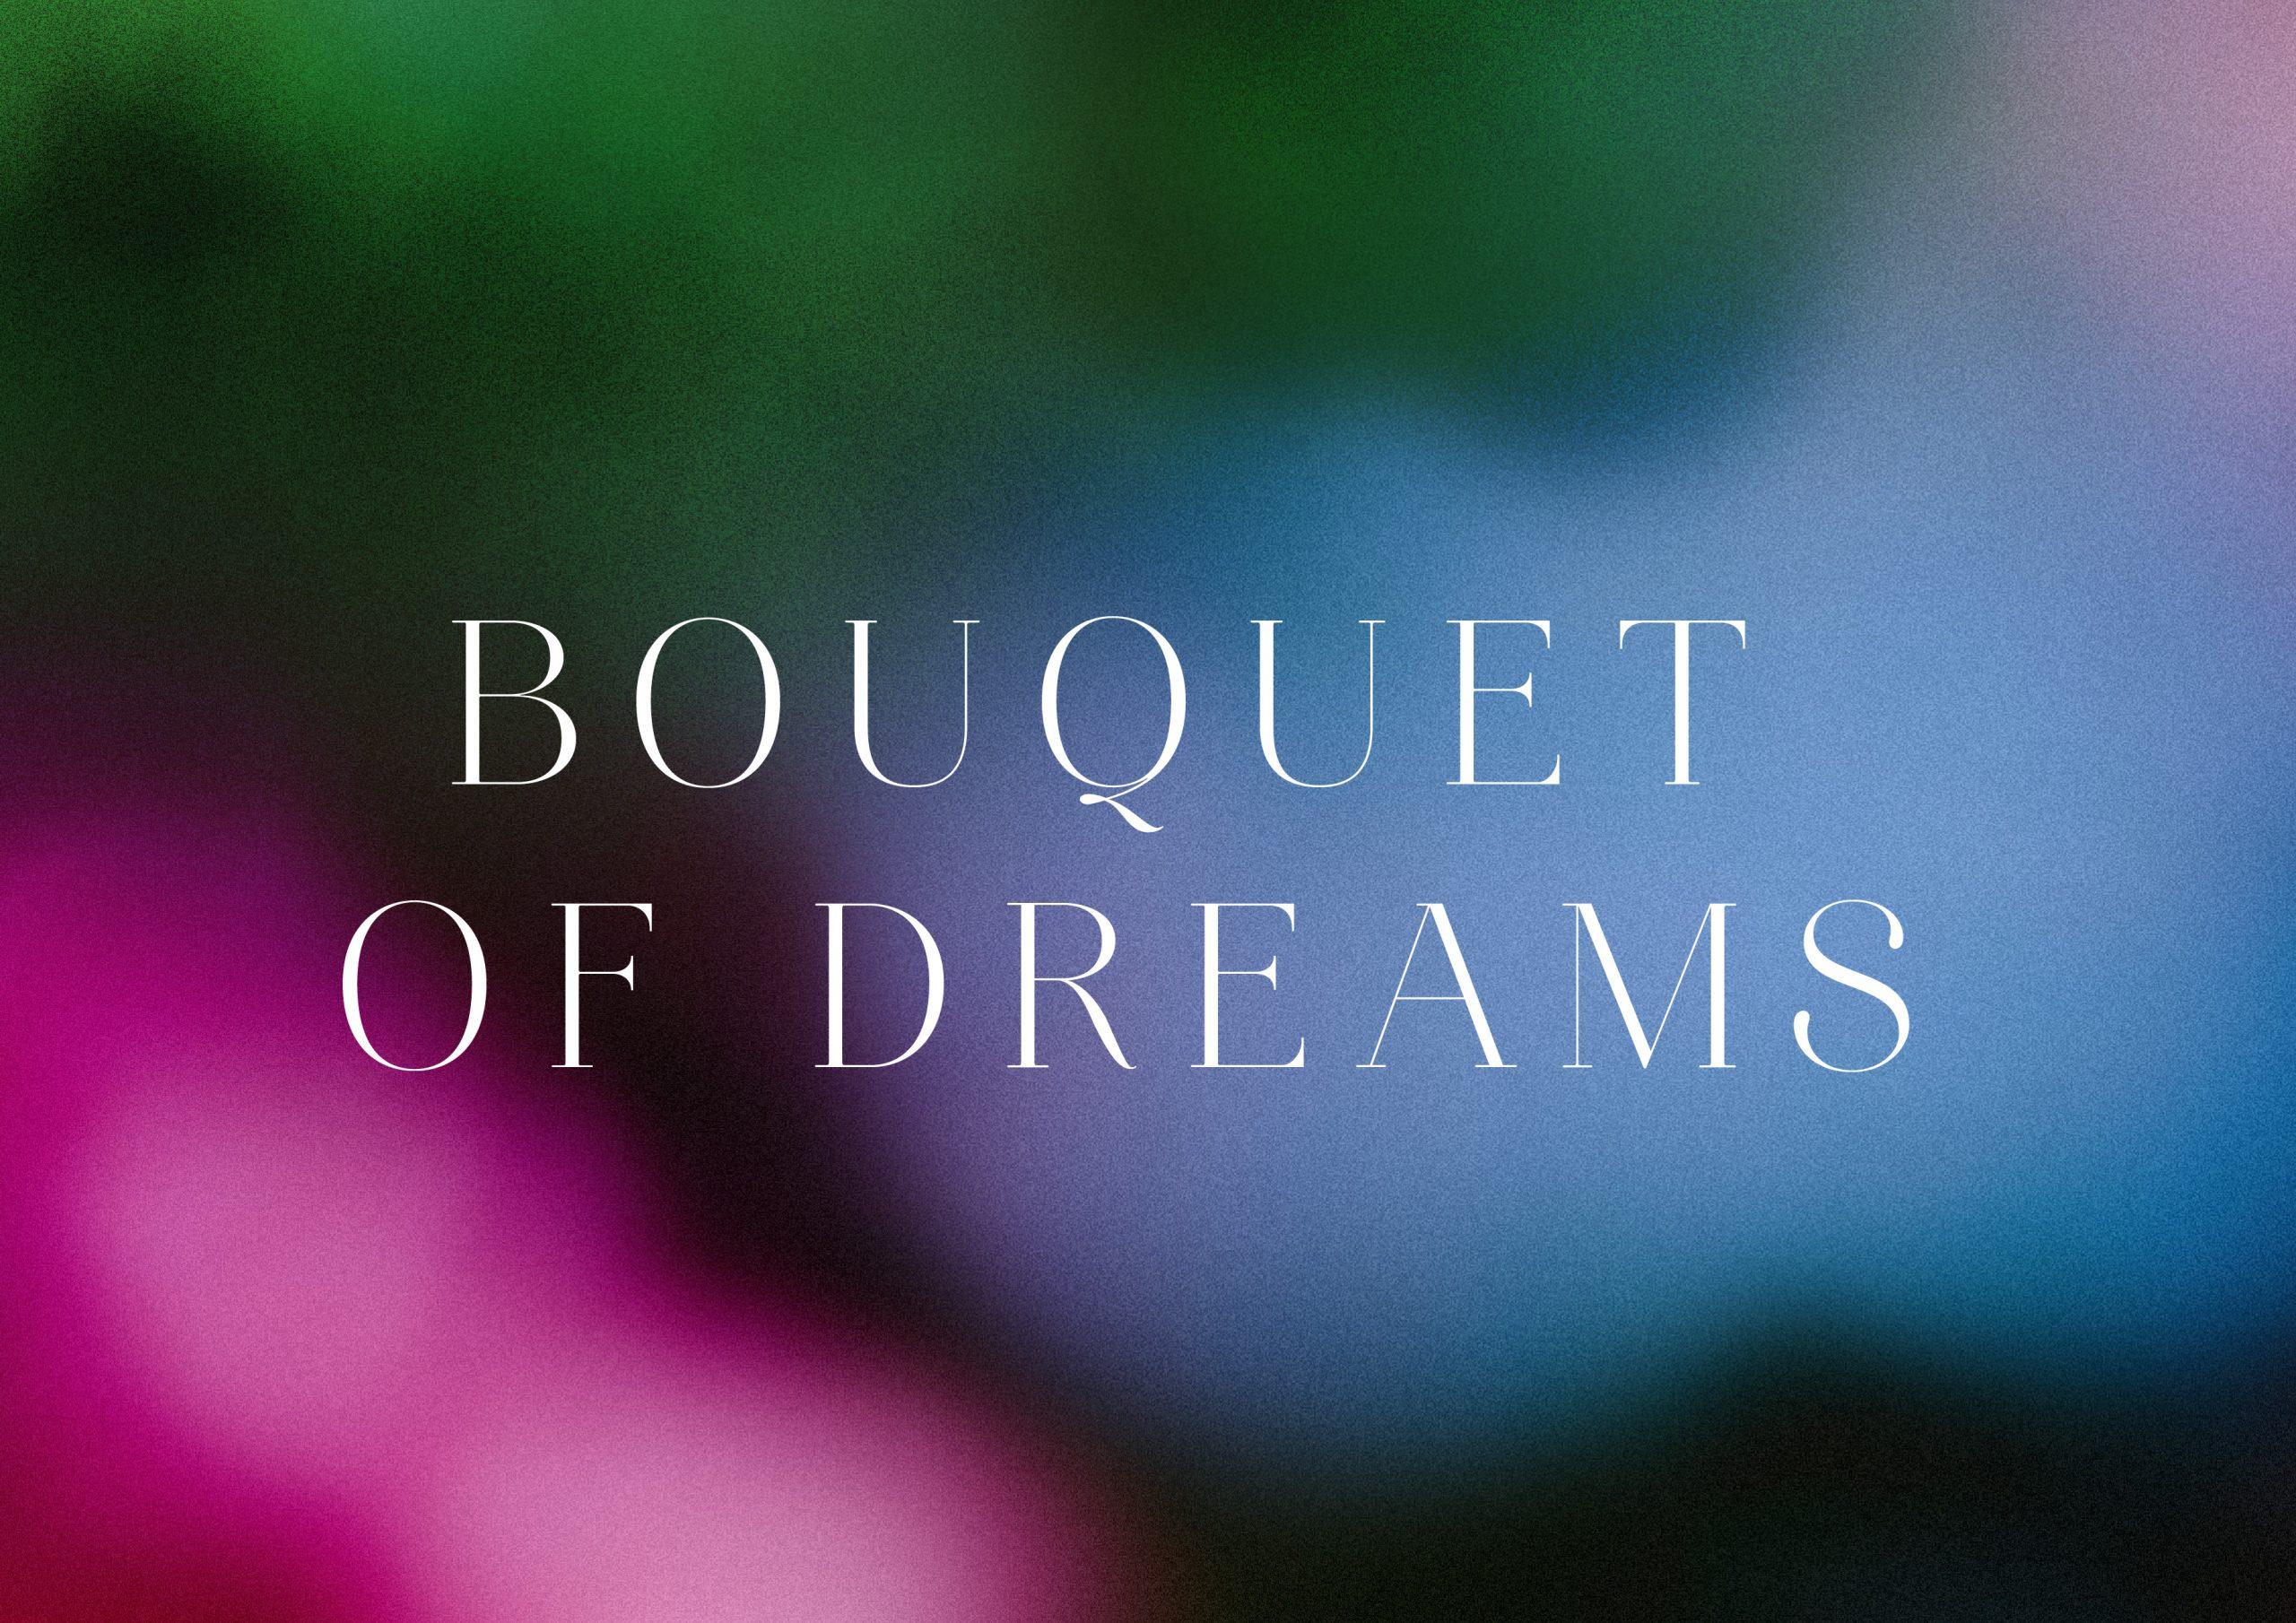 Pasquale Bruni Bouquet of dreams